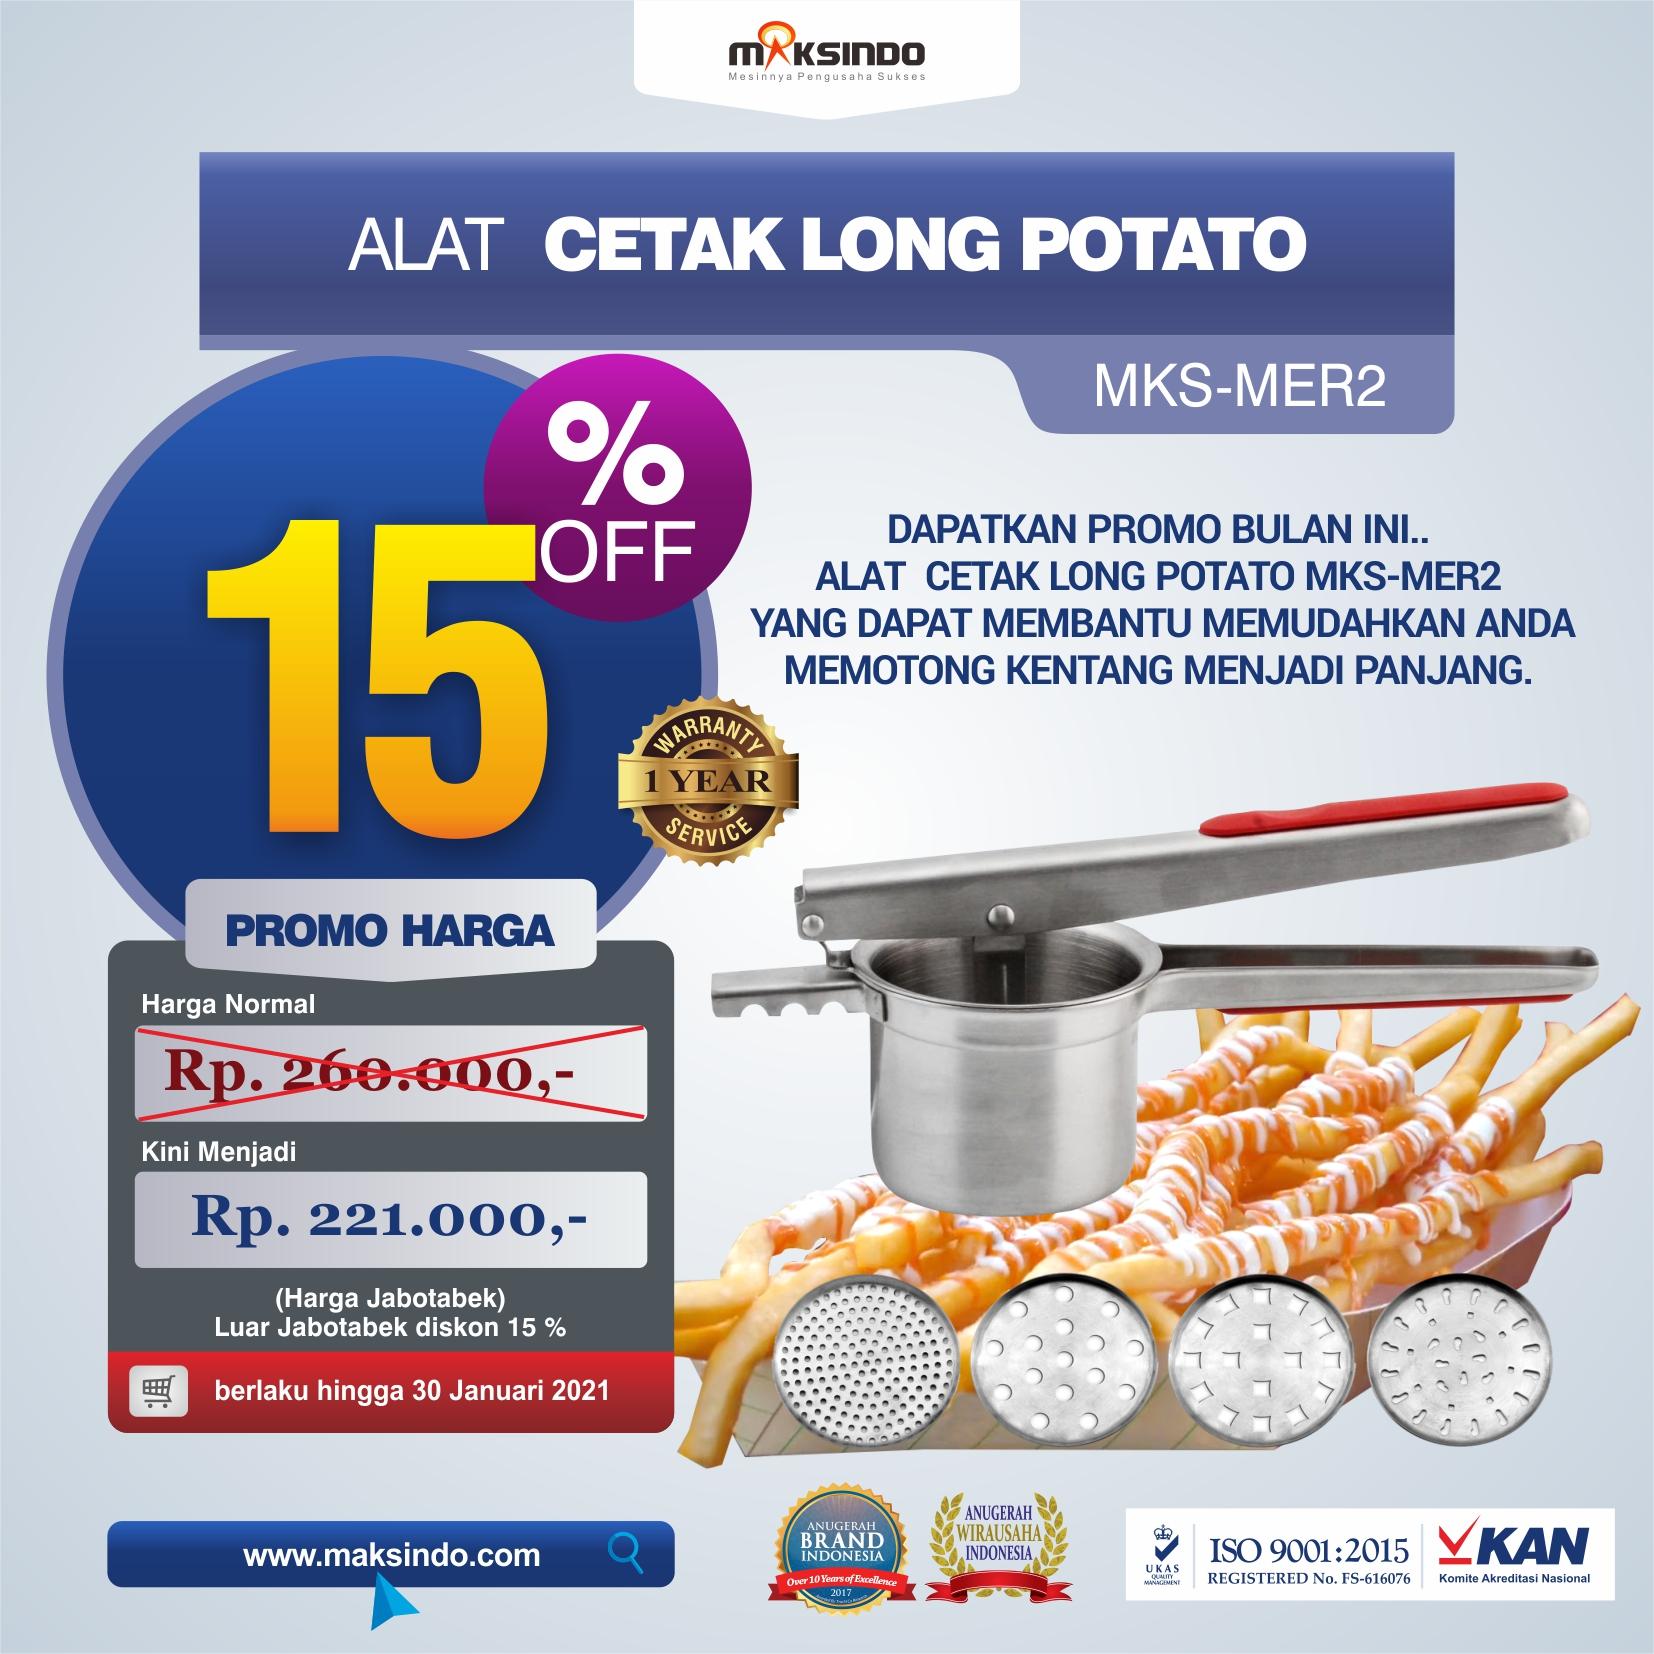 Jual Alat Cetak Long Potato MKS-MER2 di Malang